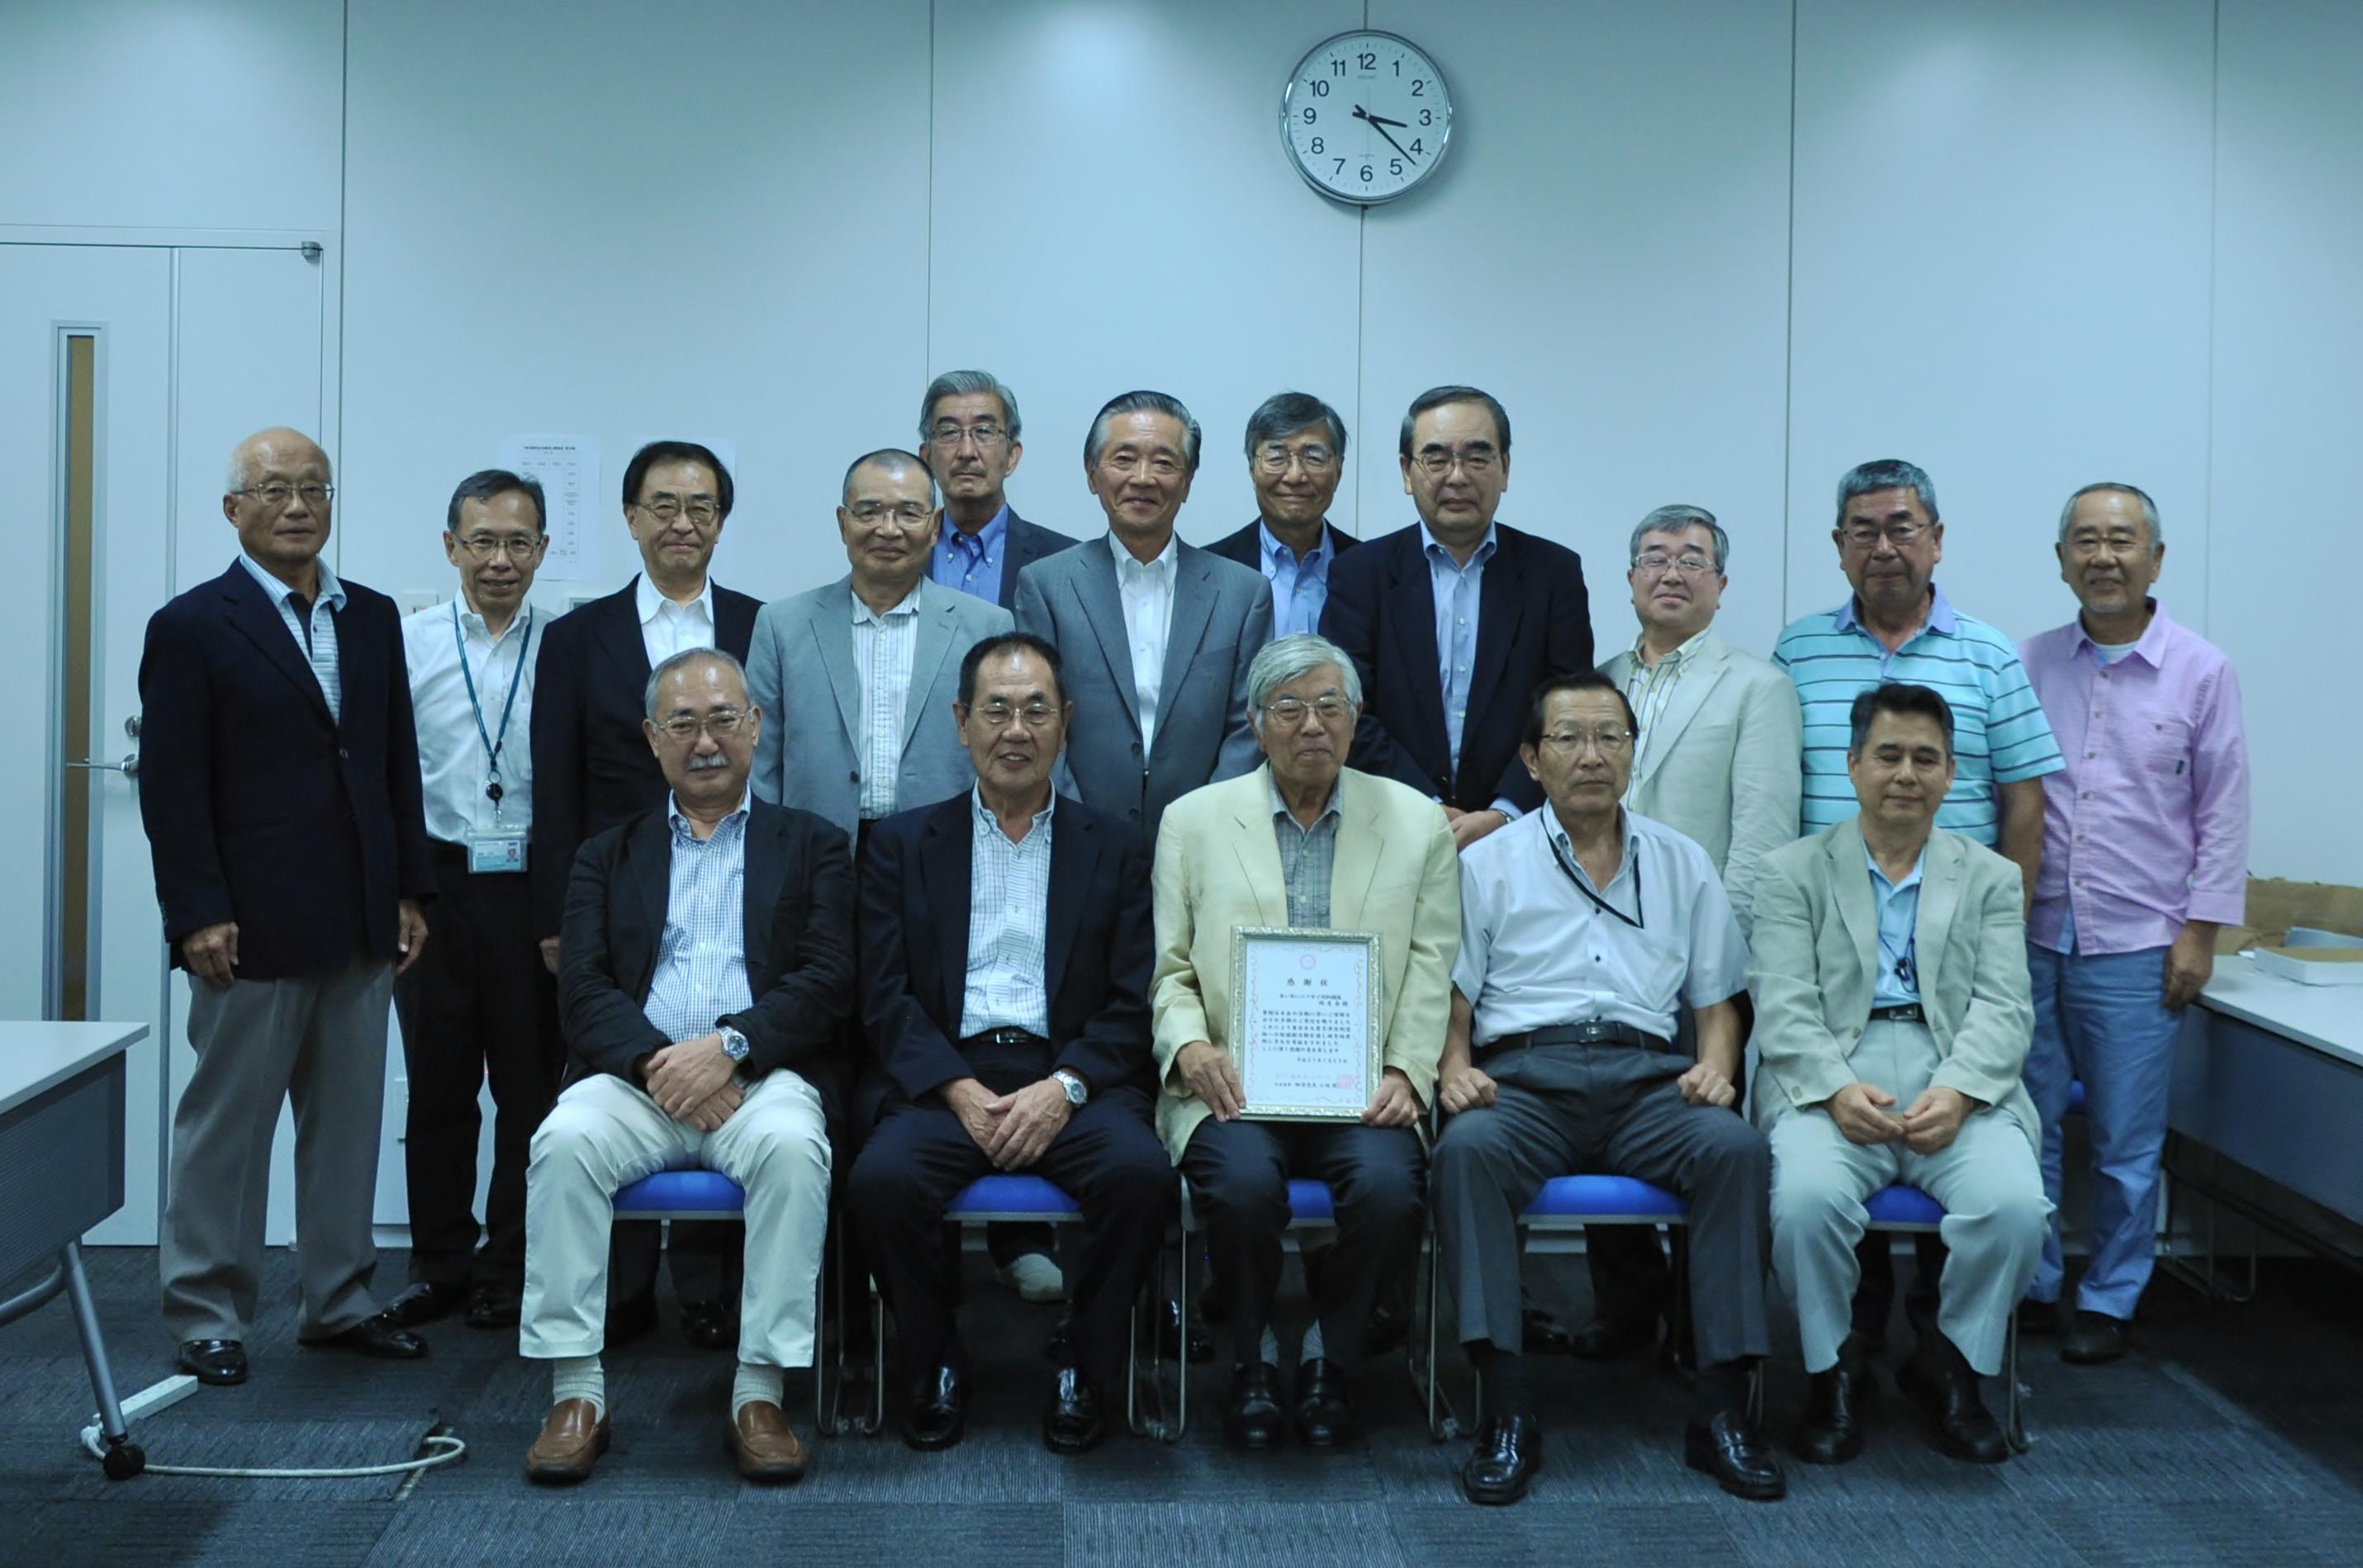 DSC_7042出席者集合写真